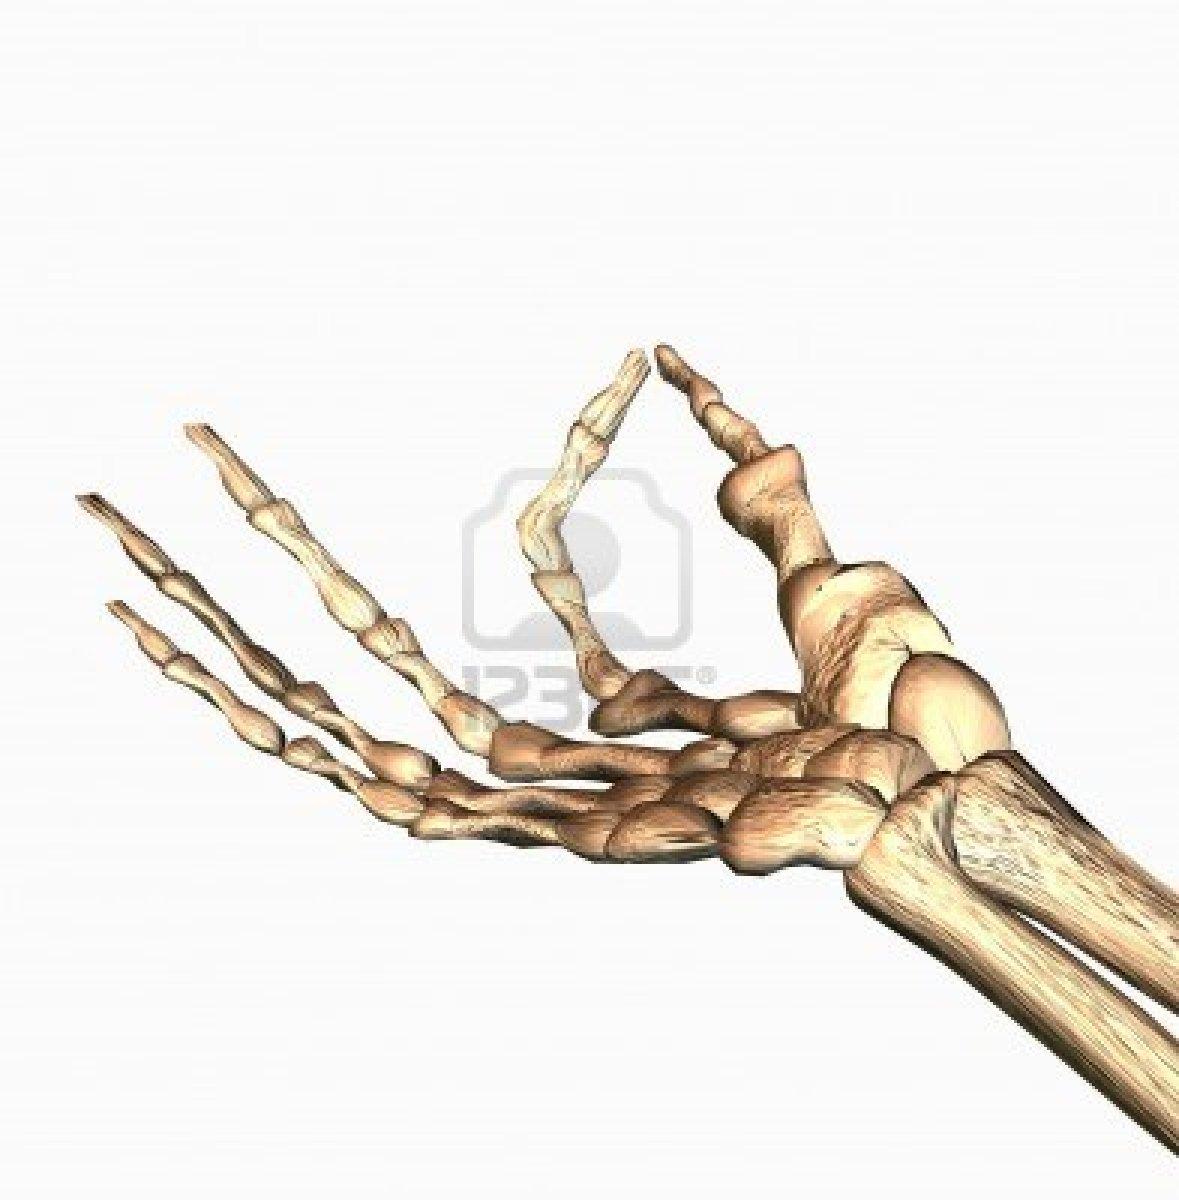 Precisión de la mano: mayo 2013